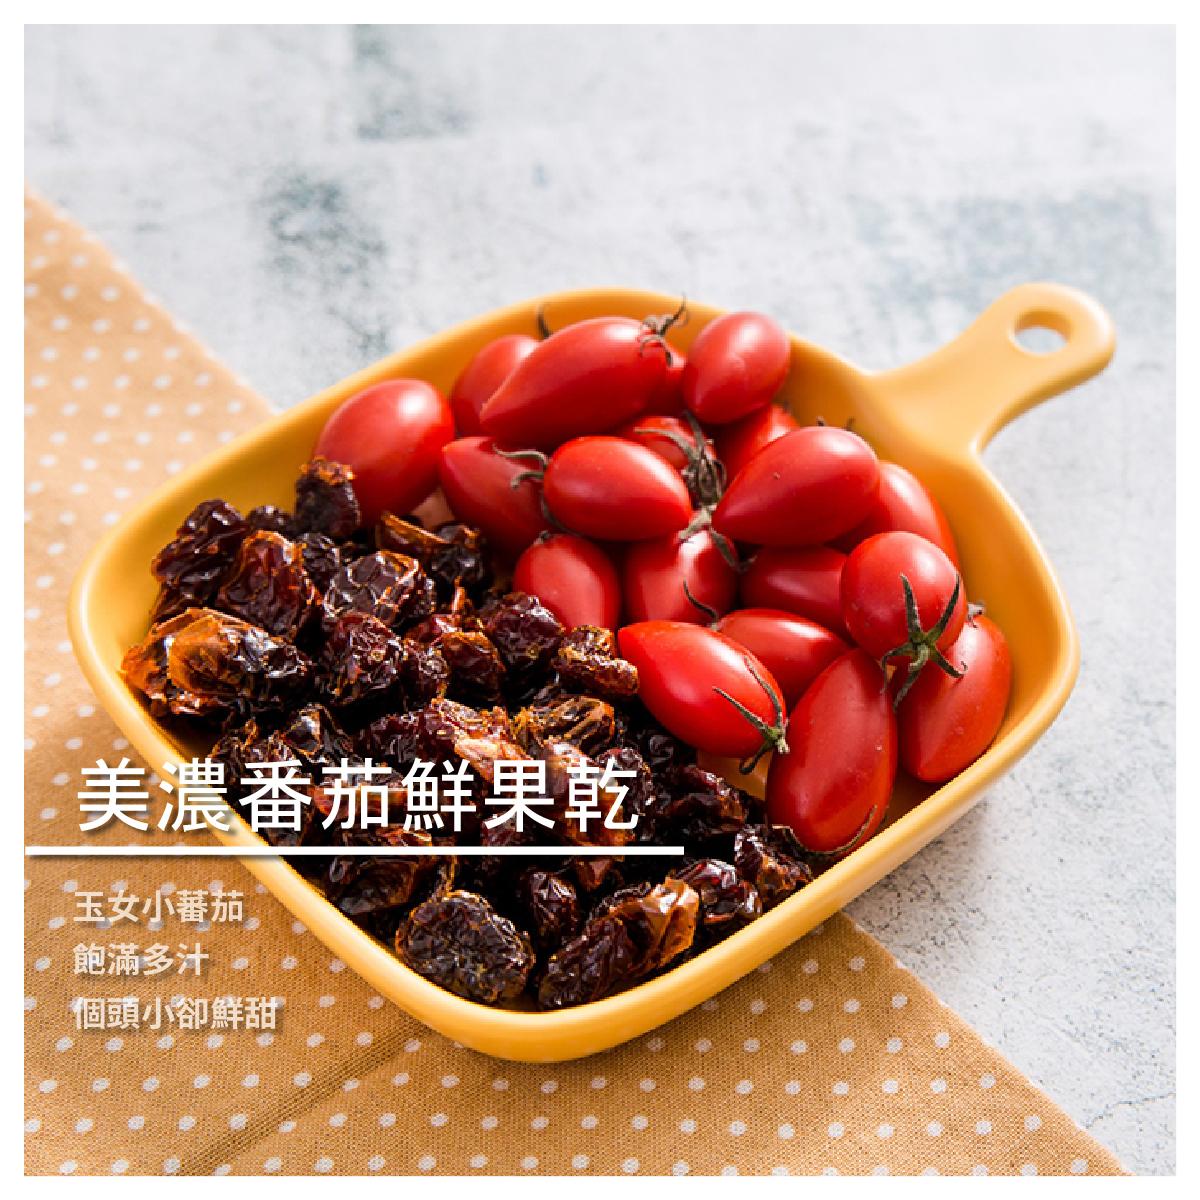 【曠野文農】美濃番茄鮮果乾 170g/包